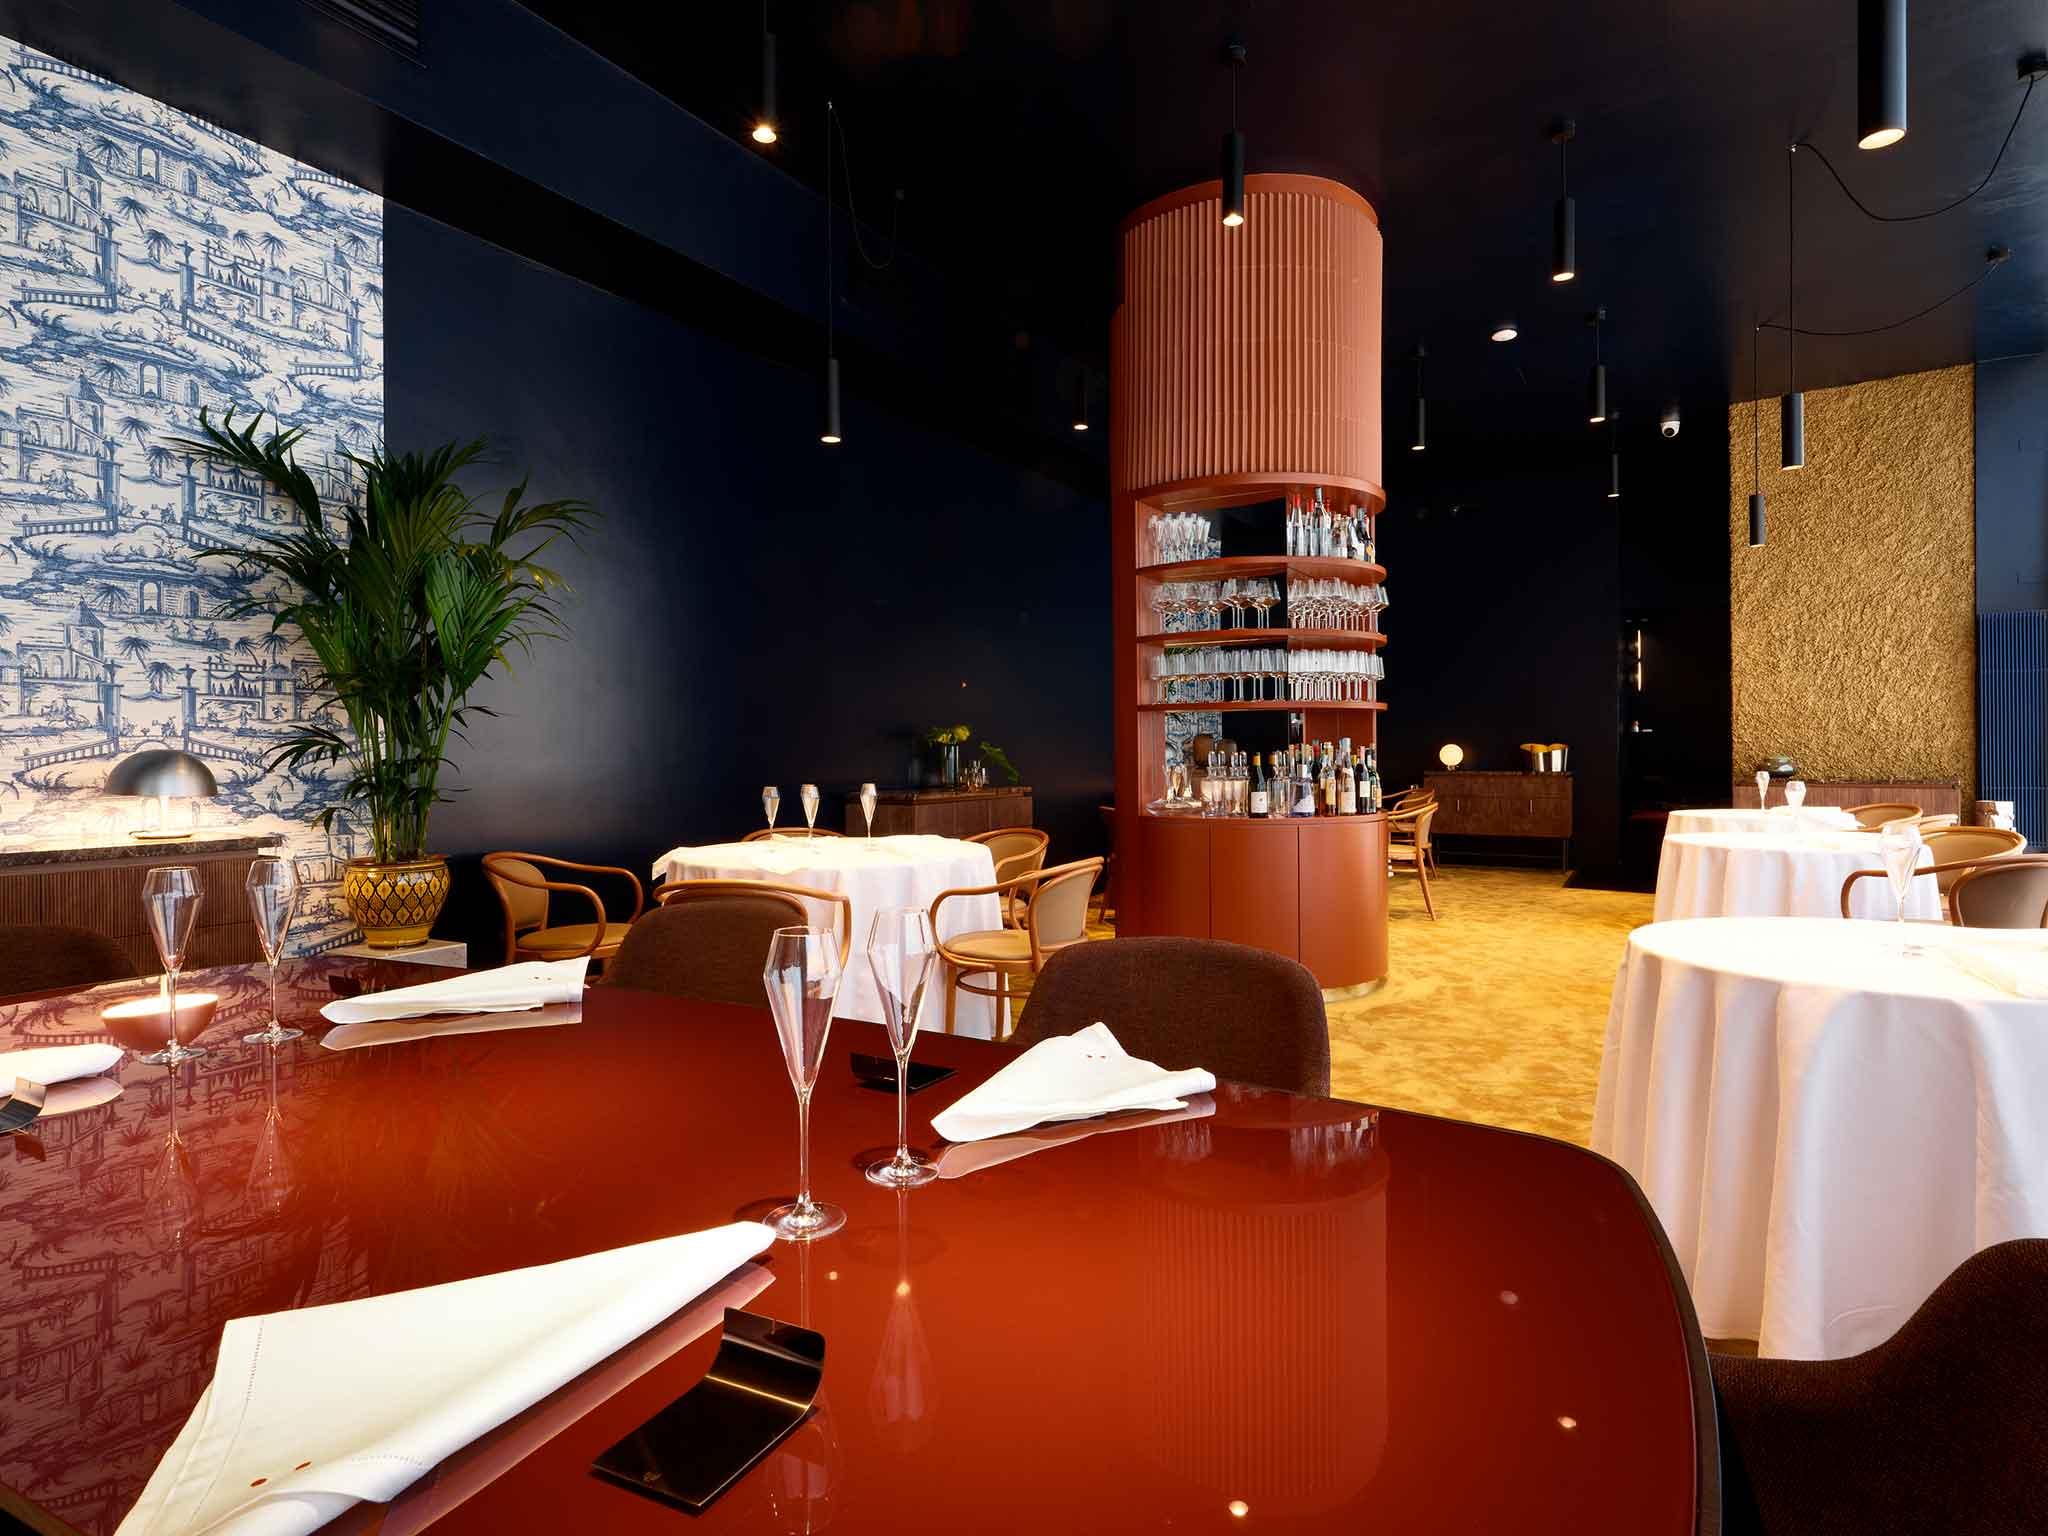 bu:r ristorante Eugenio Boer sala